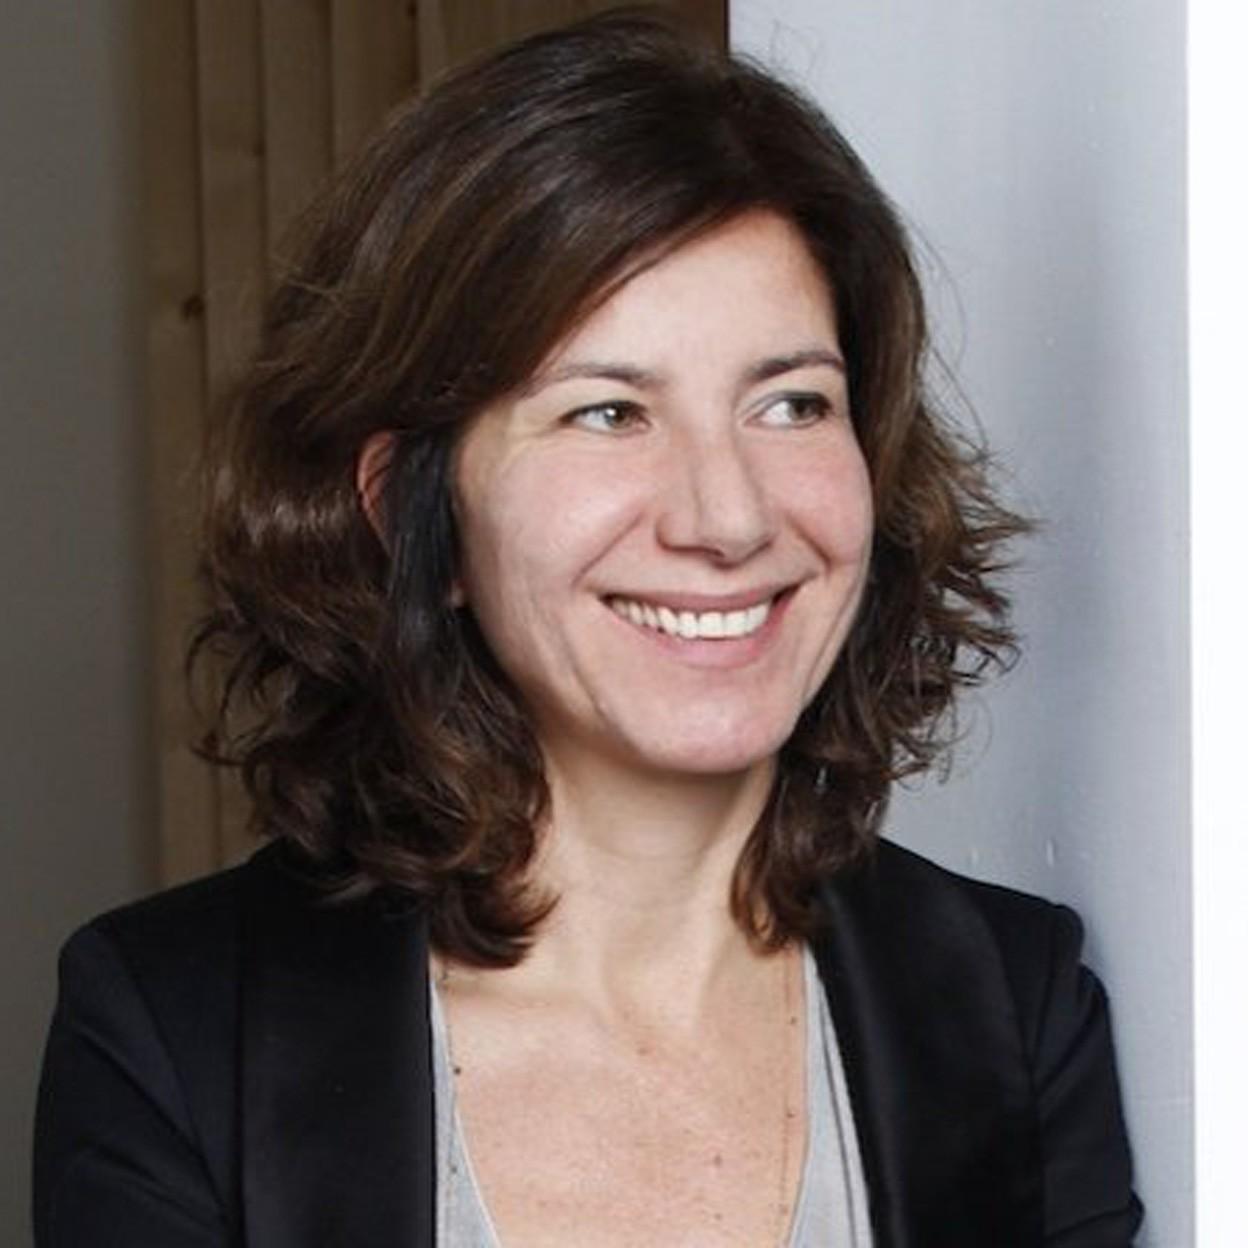 Stefania Bortolami